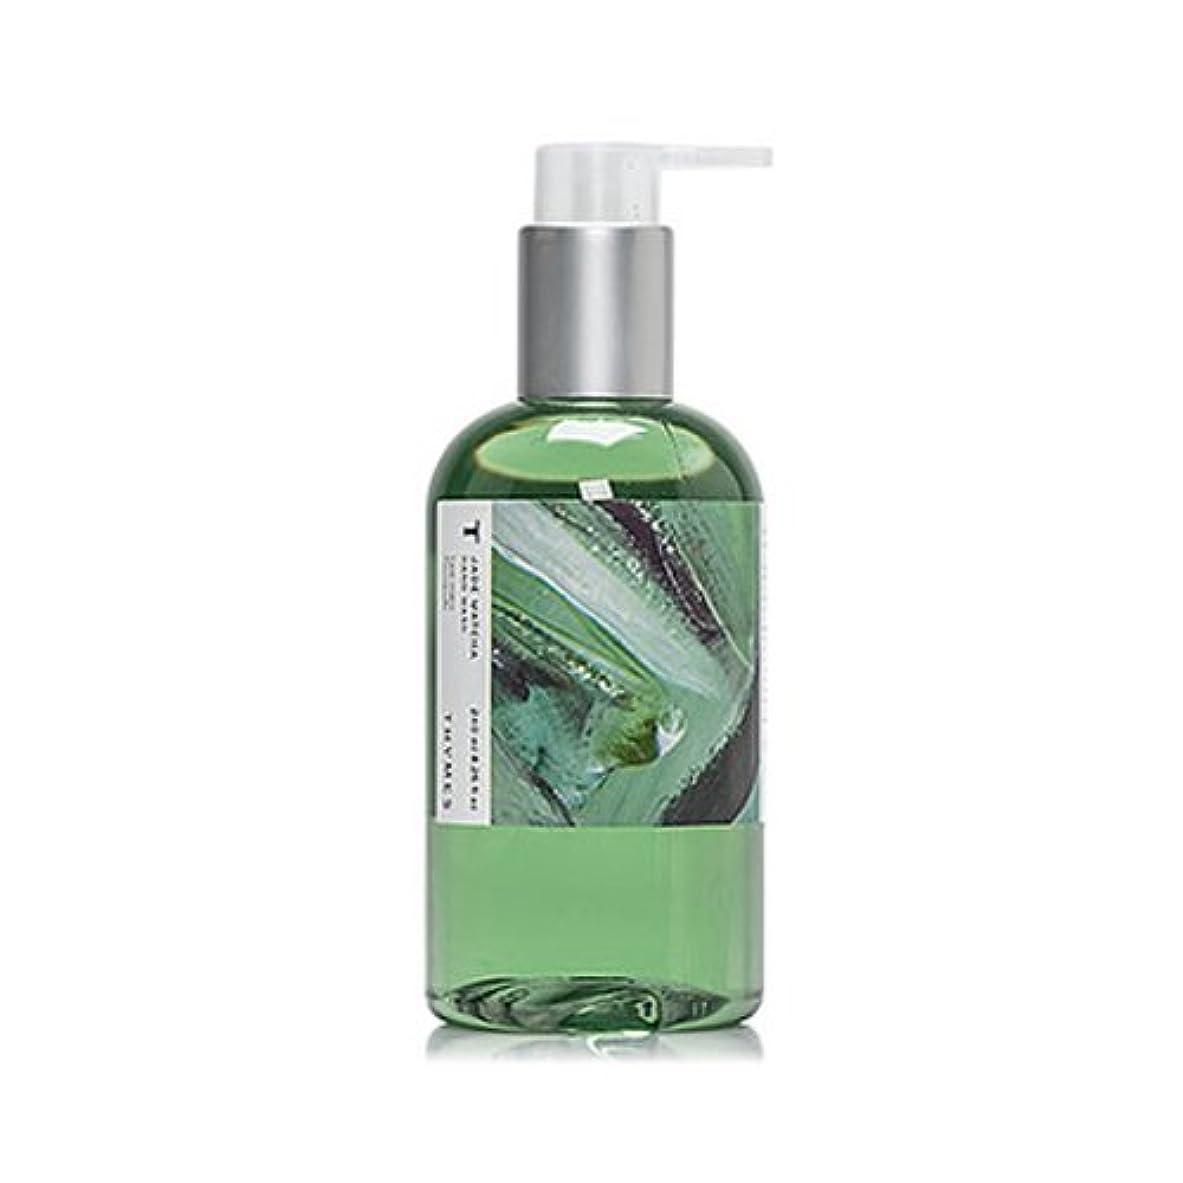 導体永続バブルTHYMES タイムズ ハンドウォッシュ 240ml ジェイド抹茶 Hand Wash 8.25 fl oz Jade Matcha [並行輸入品]